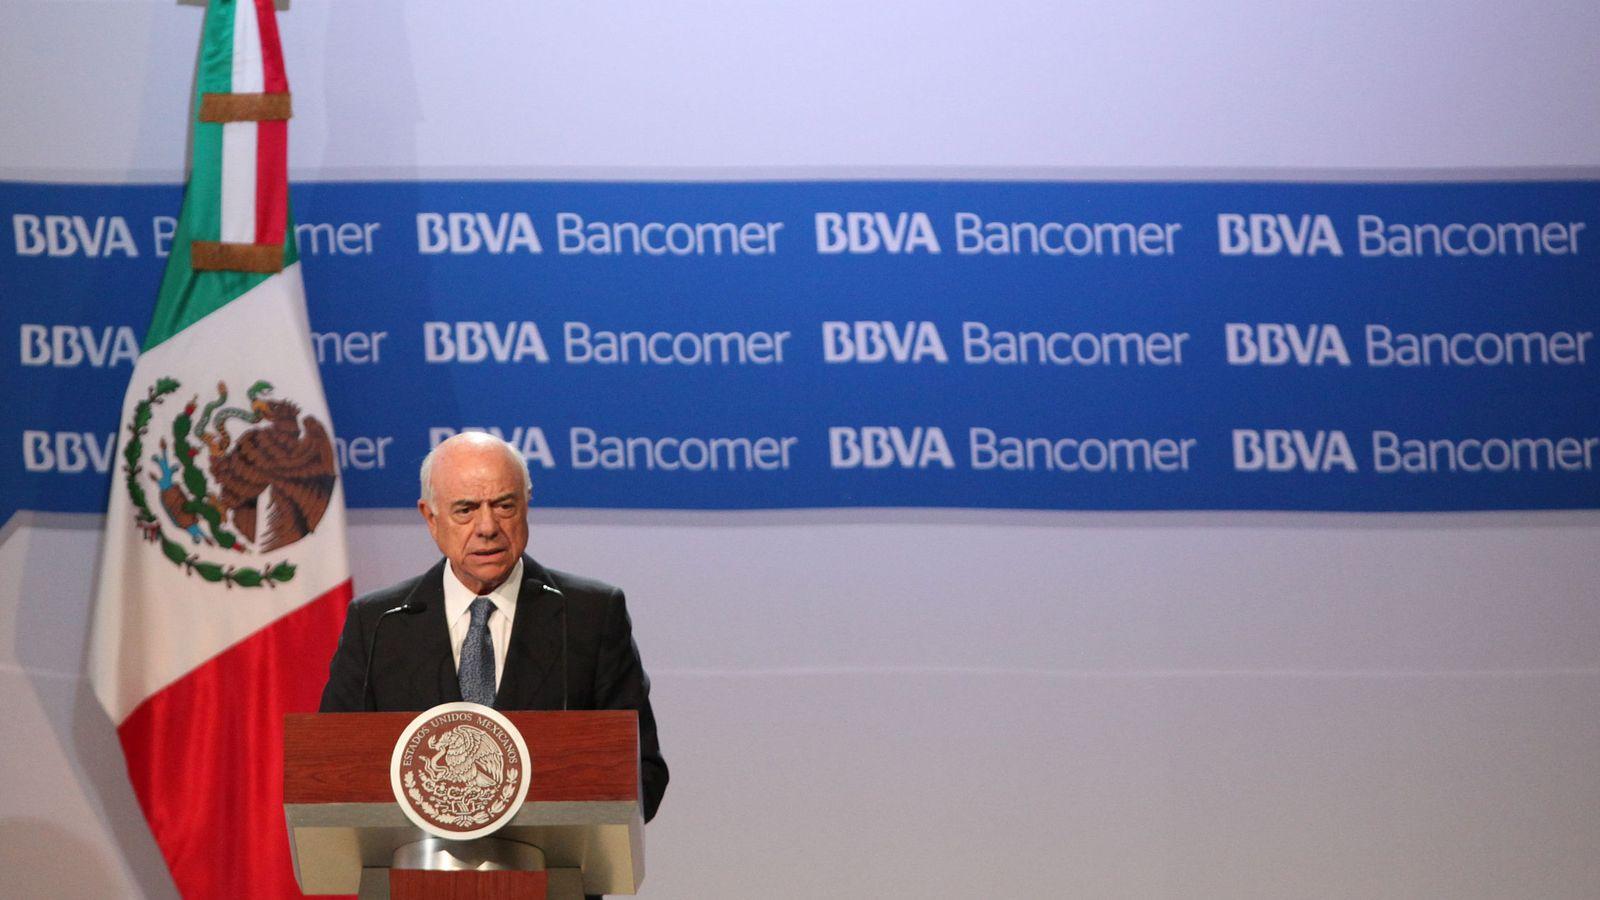 Foto: El presidente de BBVA, Francisco González, tras un acto en México. (EFE)